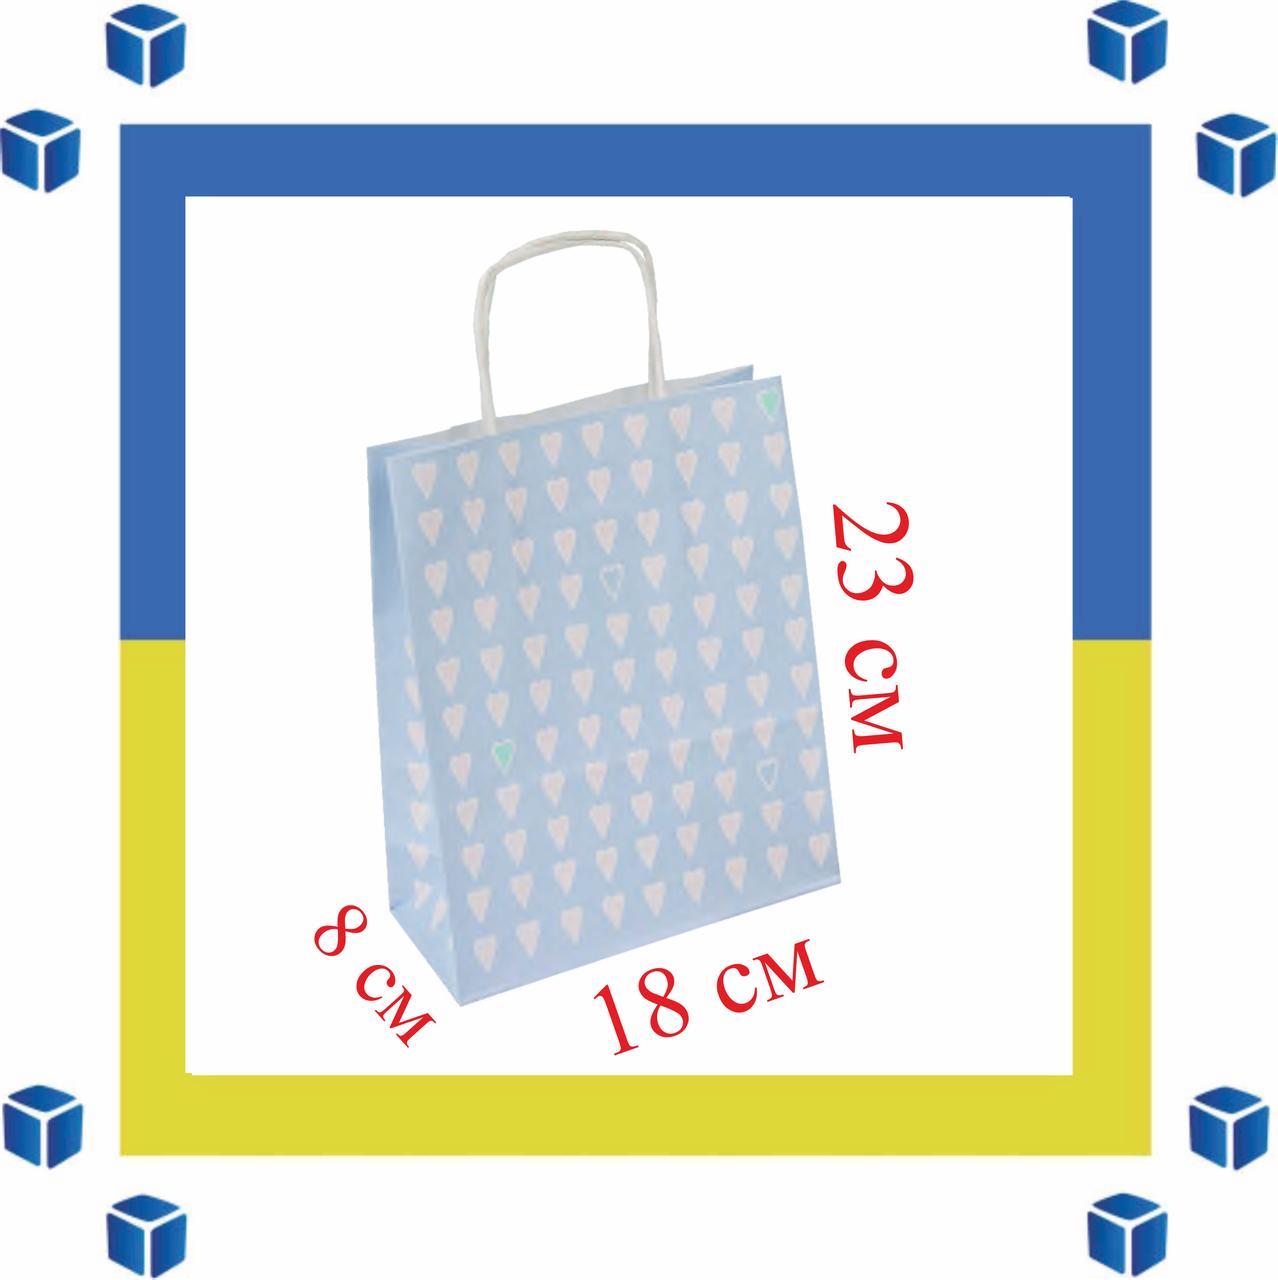 Бумажный пакет голубой с сердечками с витыми ручками (180мм/80мм/225мм)